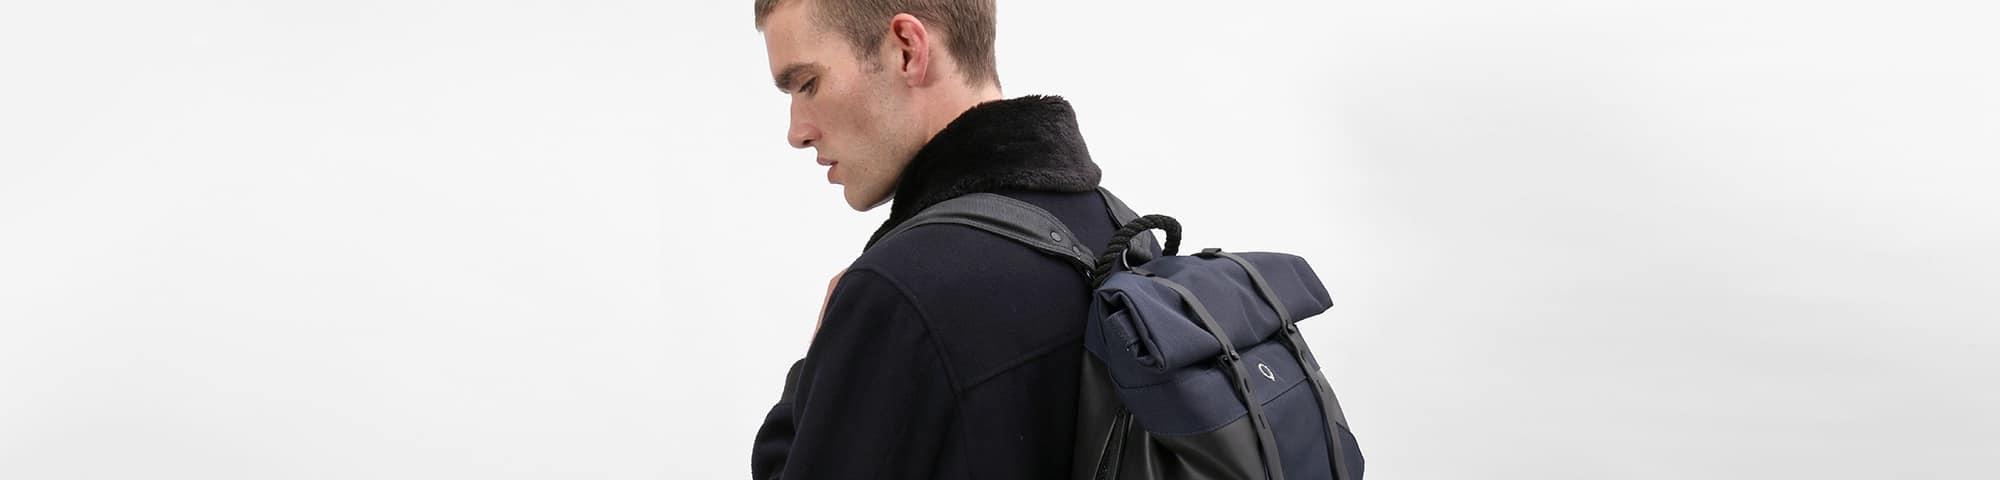 Rolltop Bags